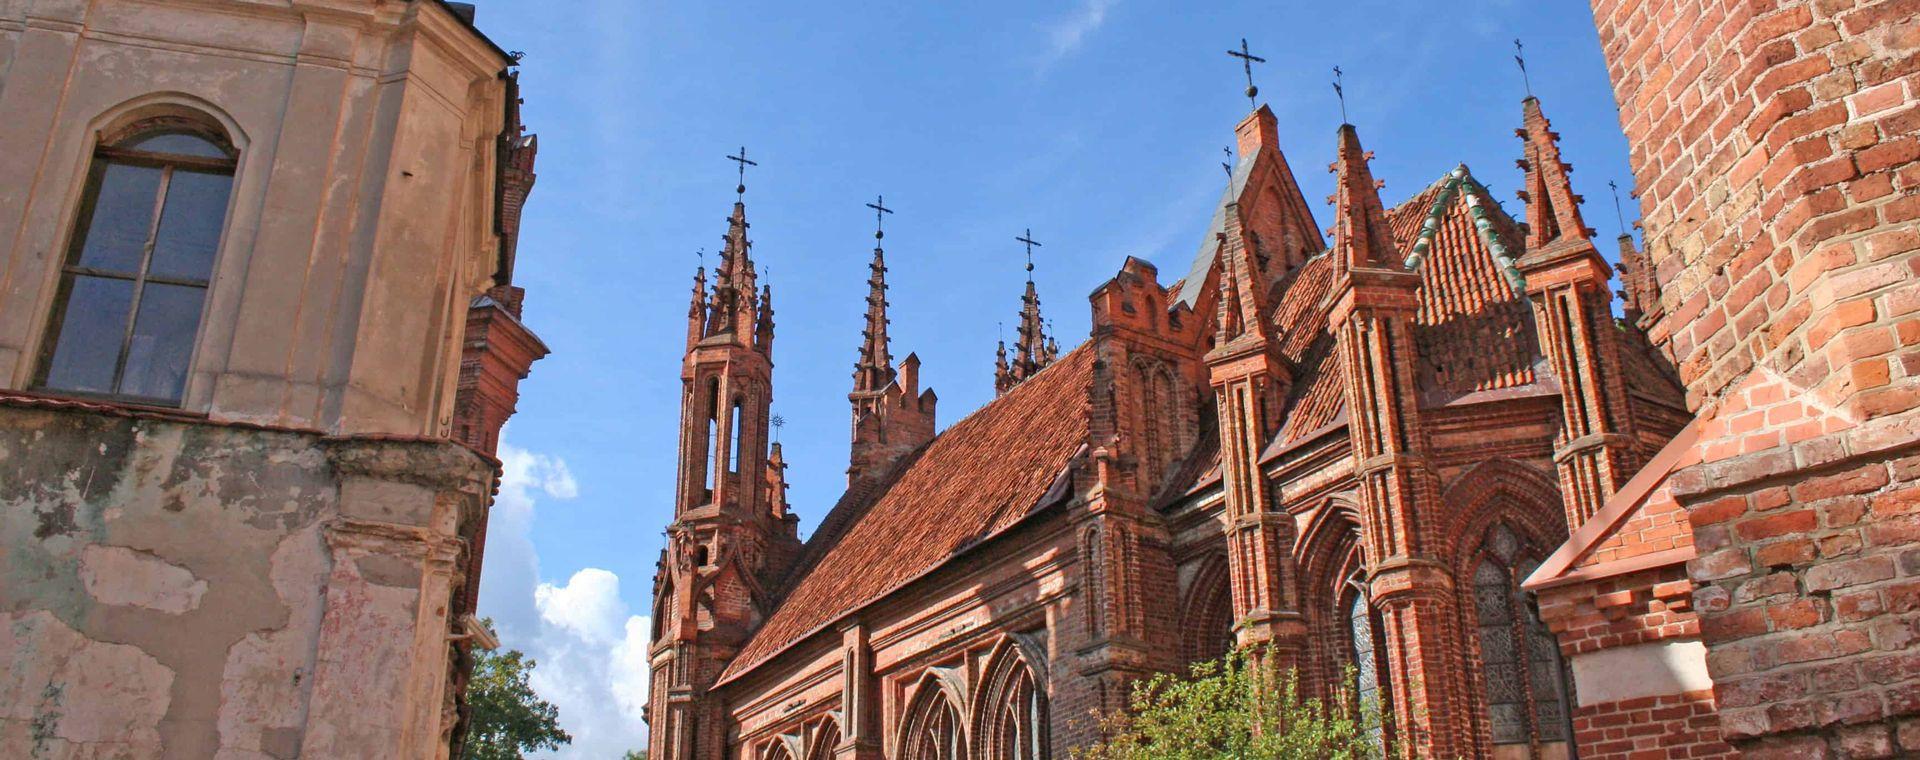 Voyage à pied : Les Pays Baltes de Tallinn à Vilnius